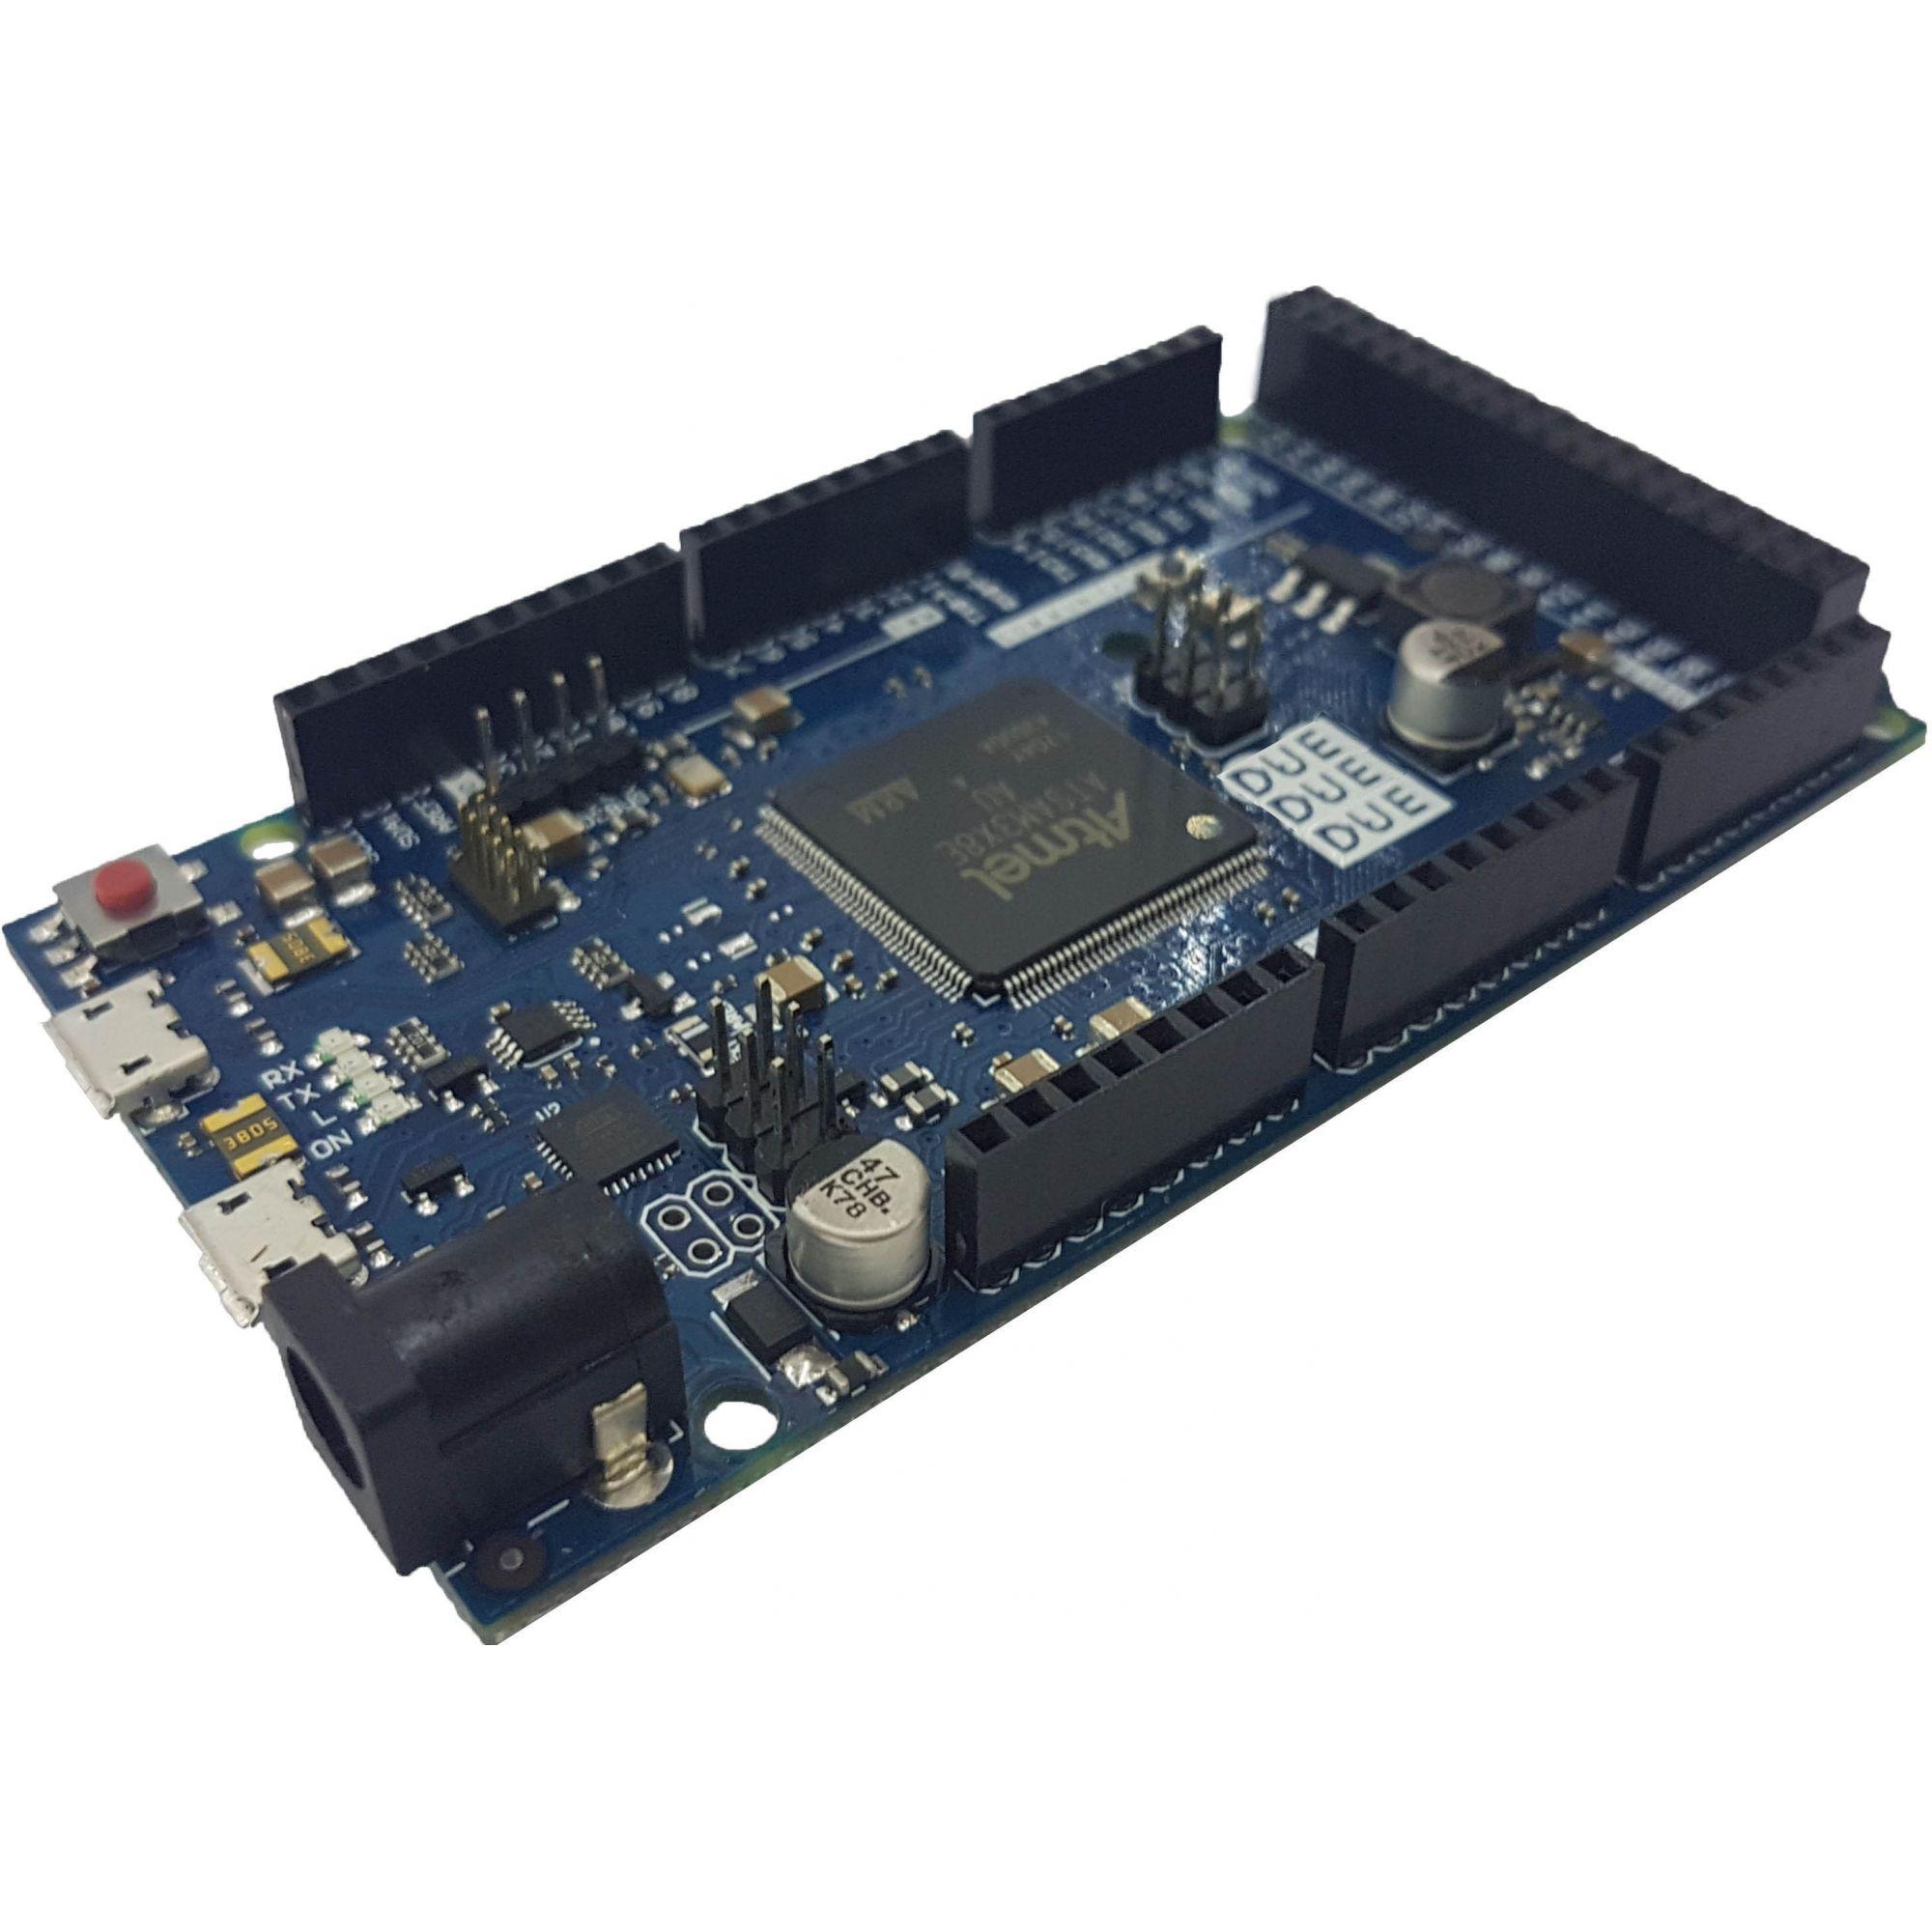 Placa Due com cabo usb para Arduino